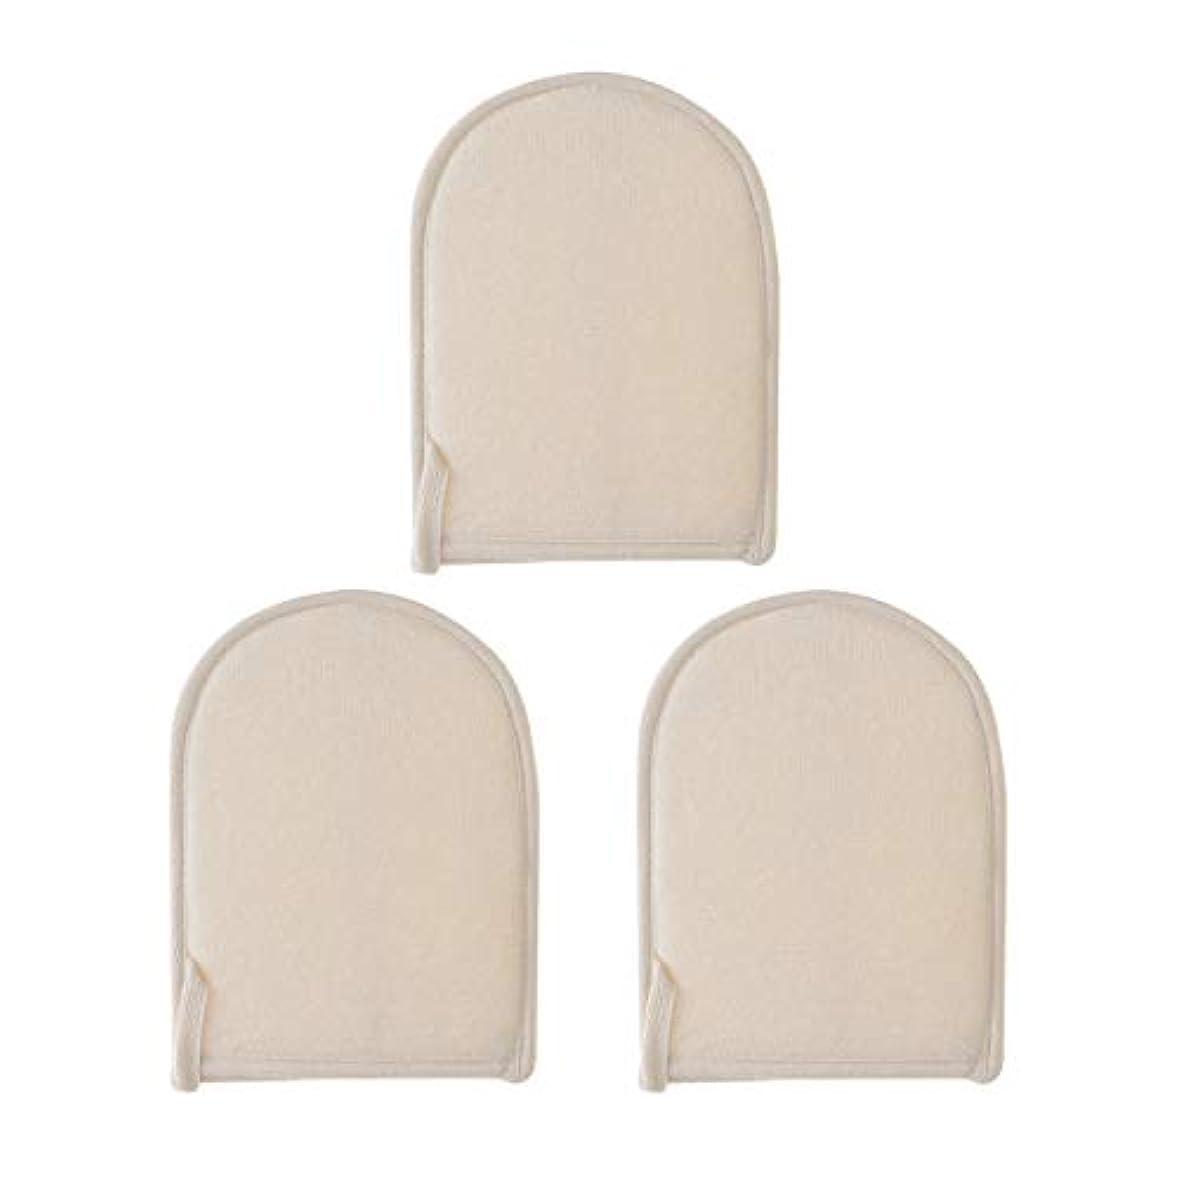 派手揃える円形HEALLILY Loofah手袋ソフトスポンジスクラバーシャワークリーニング用手袋指なし3本